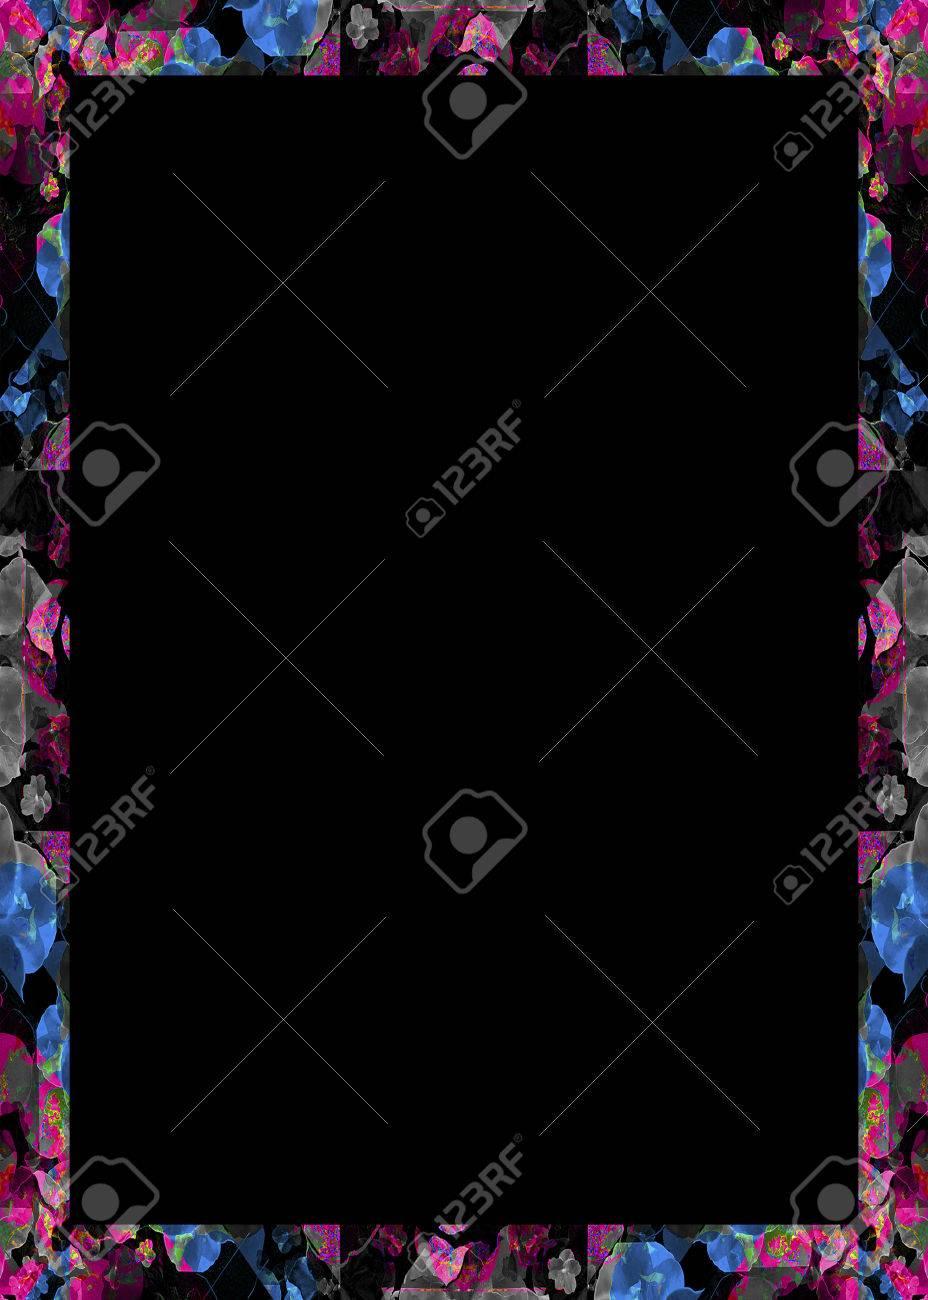 Fotograma De Fondo Negro Con Bordes Geométricos Decorativos Collage ...